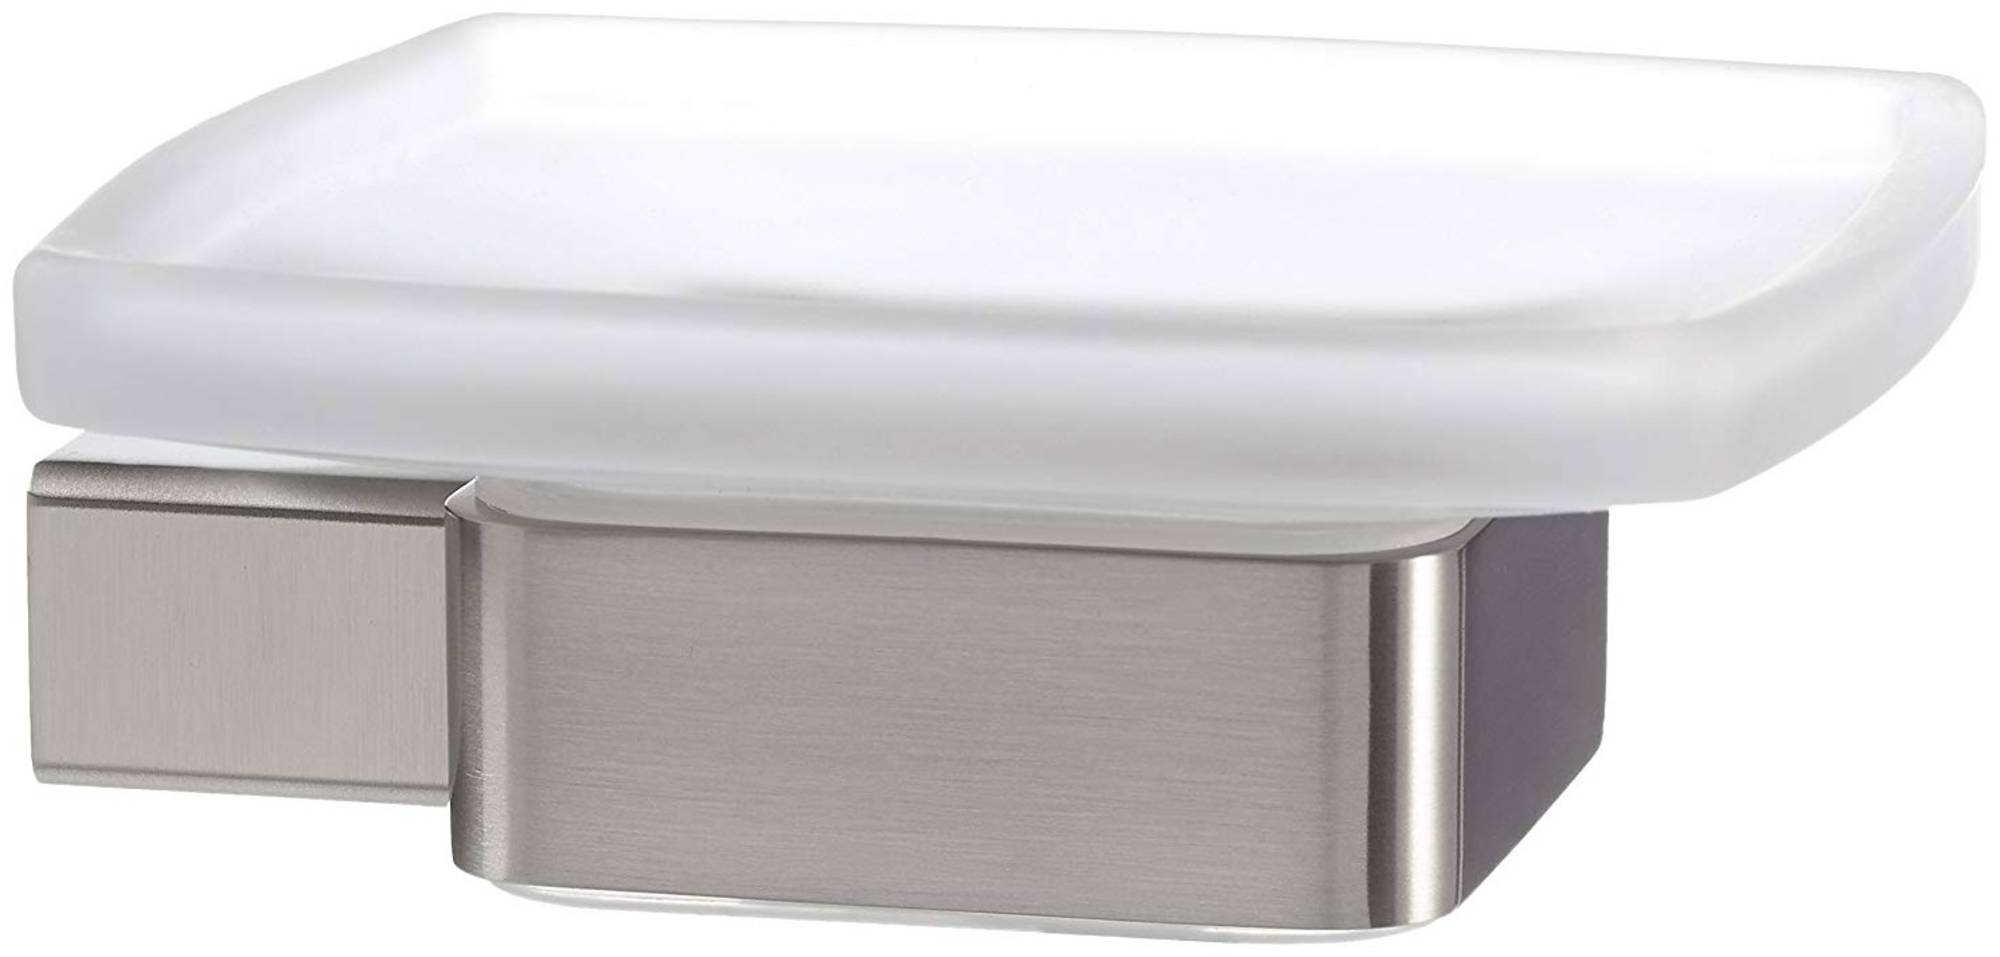 Emco Loft zeephouder met losse inzet RVS